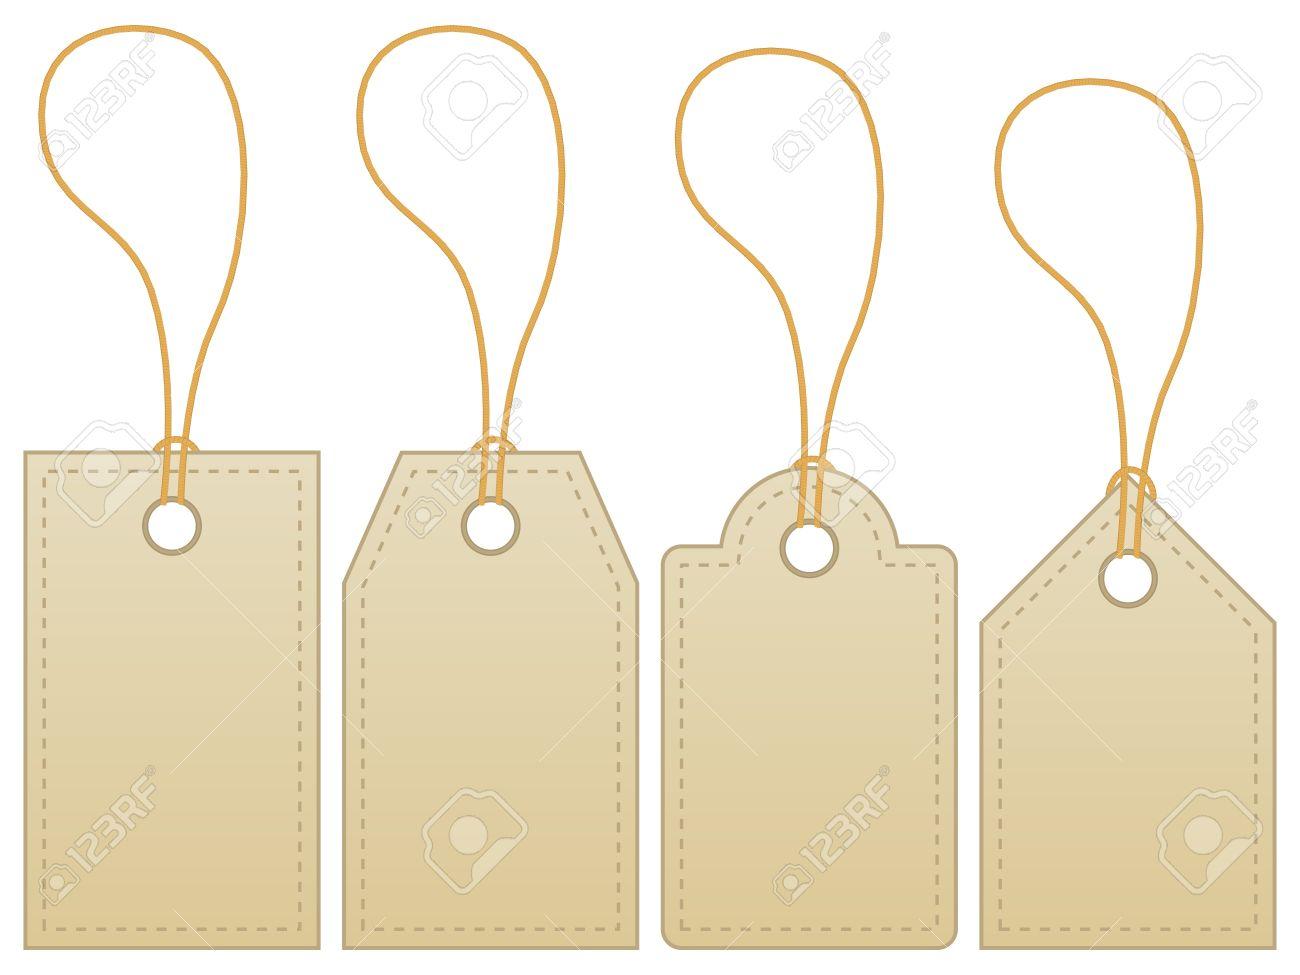 Mini Surprise Créative - Tag Love 10549037-tag-%C3%A9tiquette-vierge-isol%C3%A9-sur-fond-blanc-